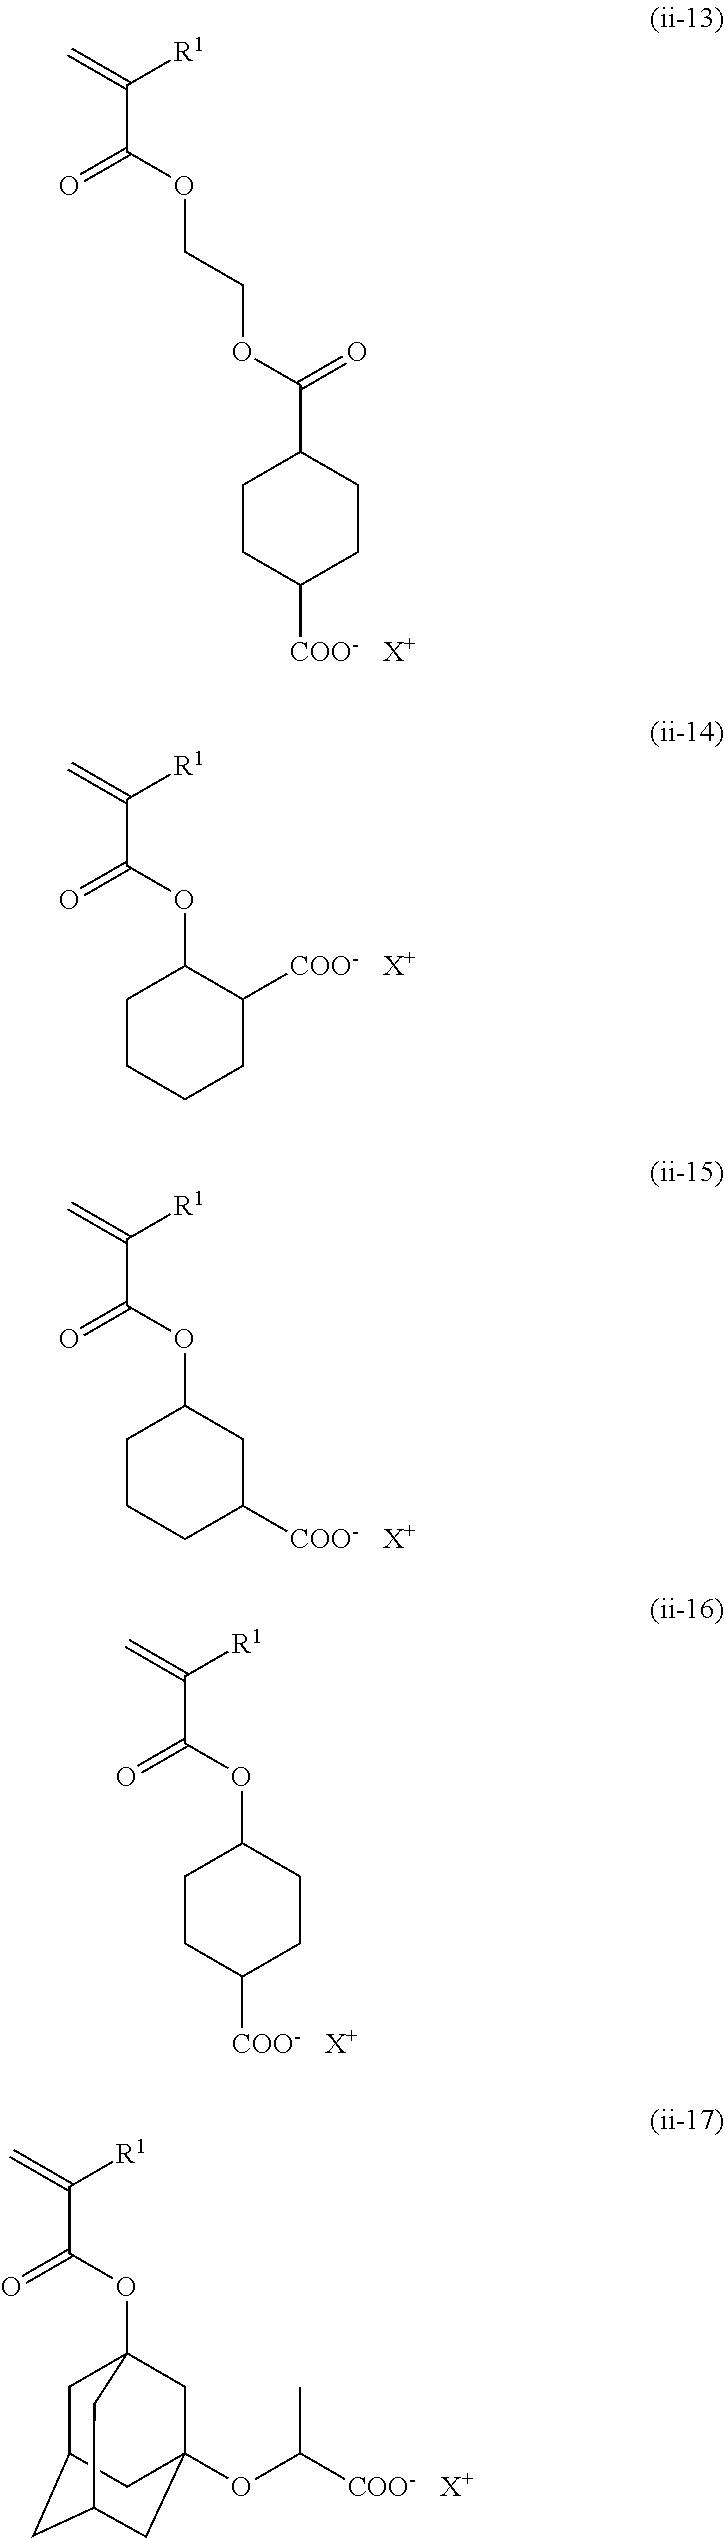 Figure US08507575-20130813-C00029